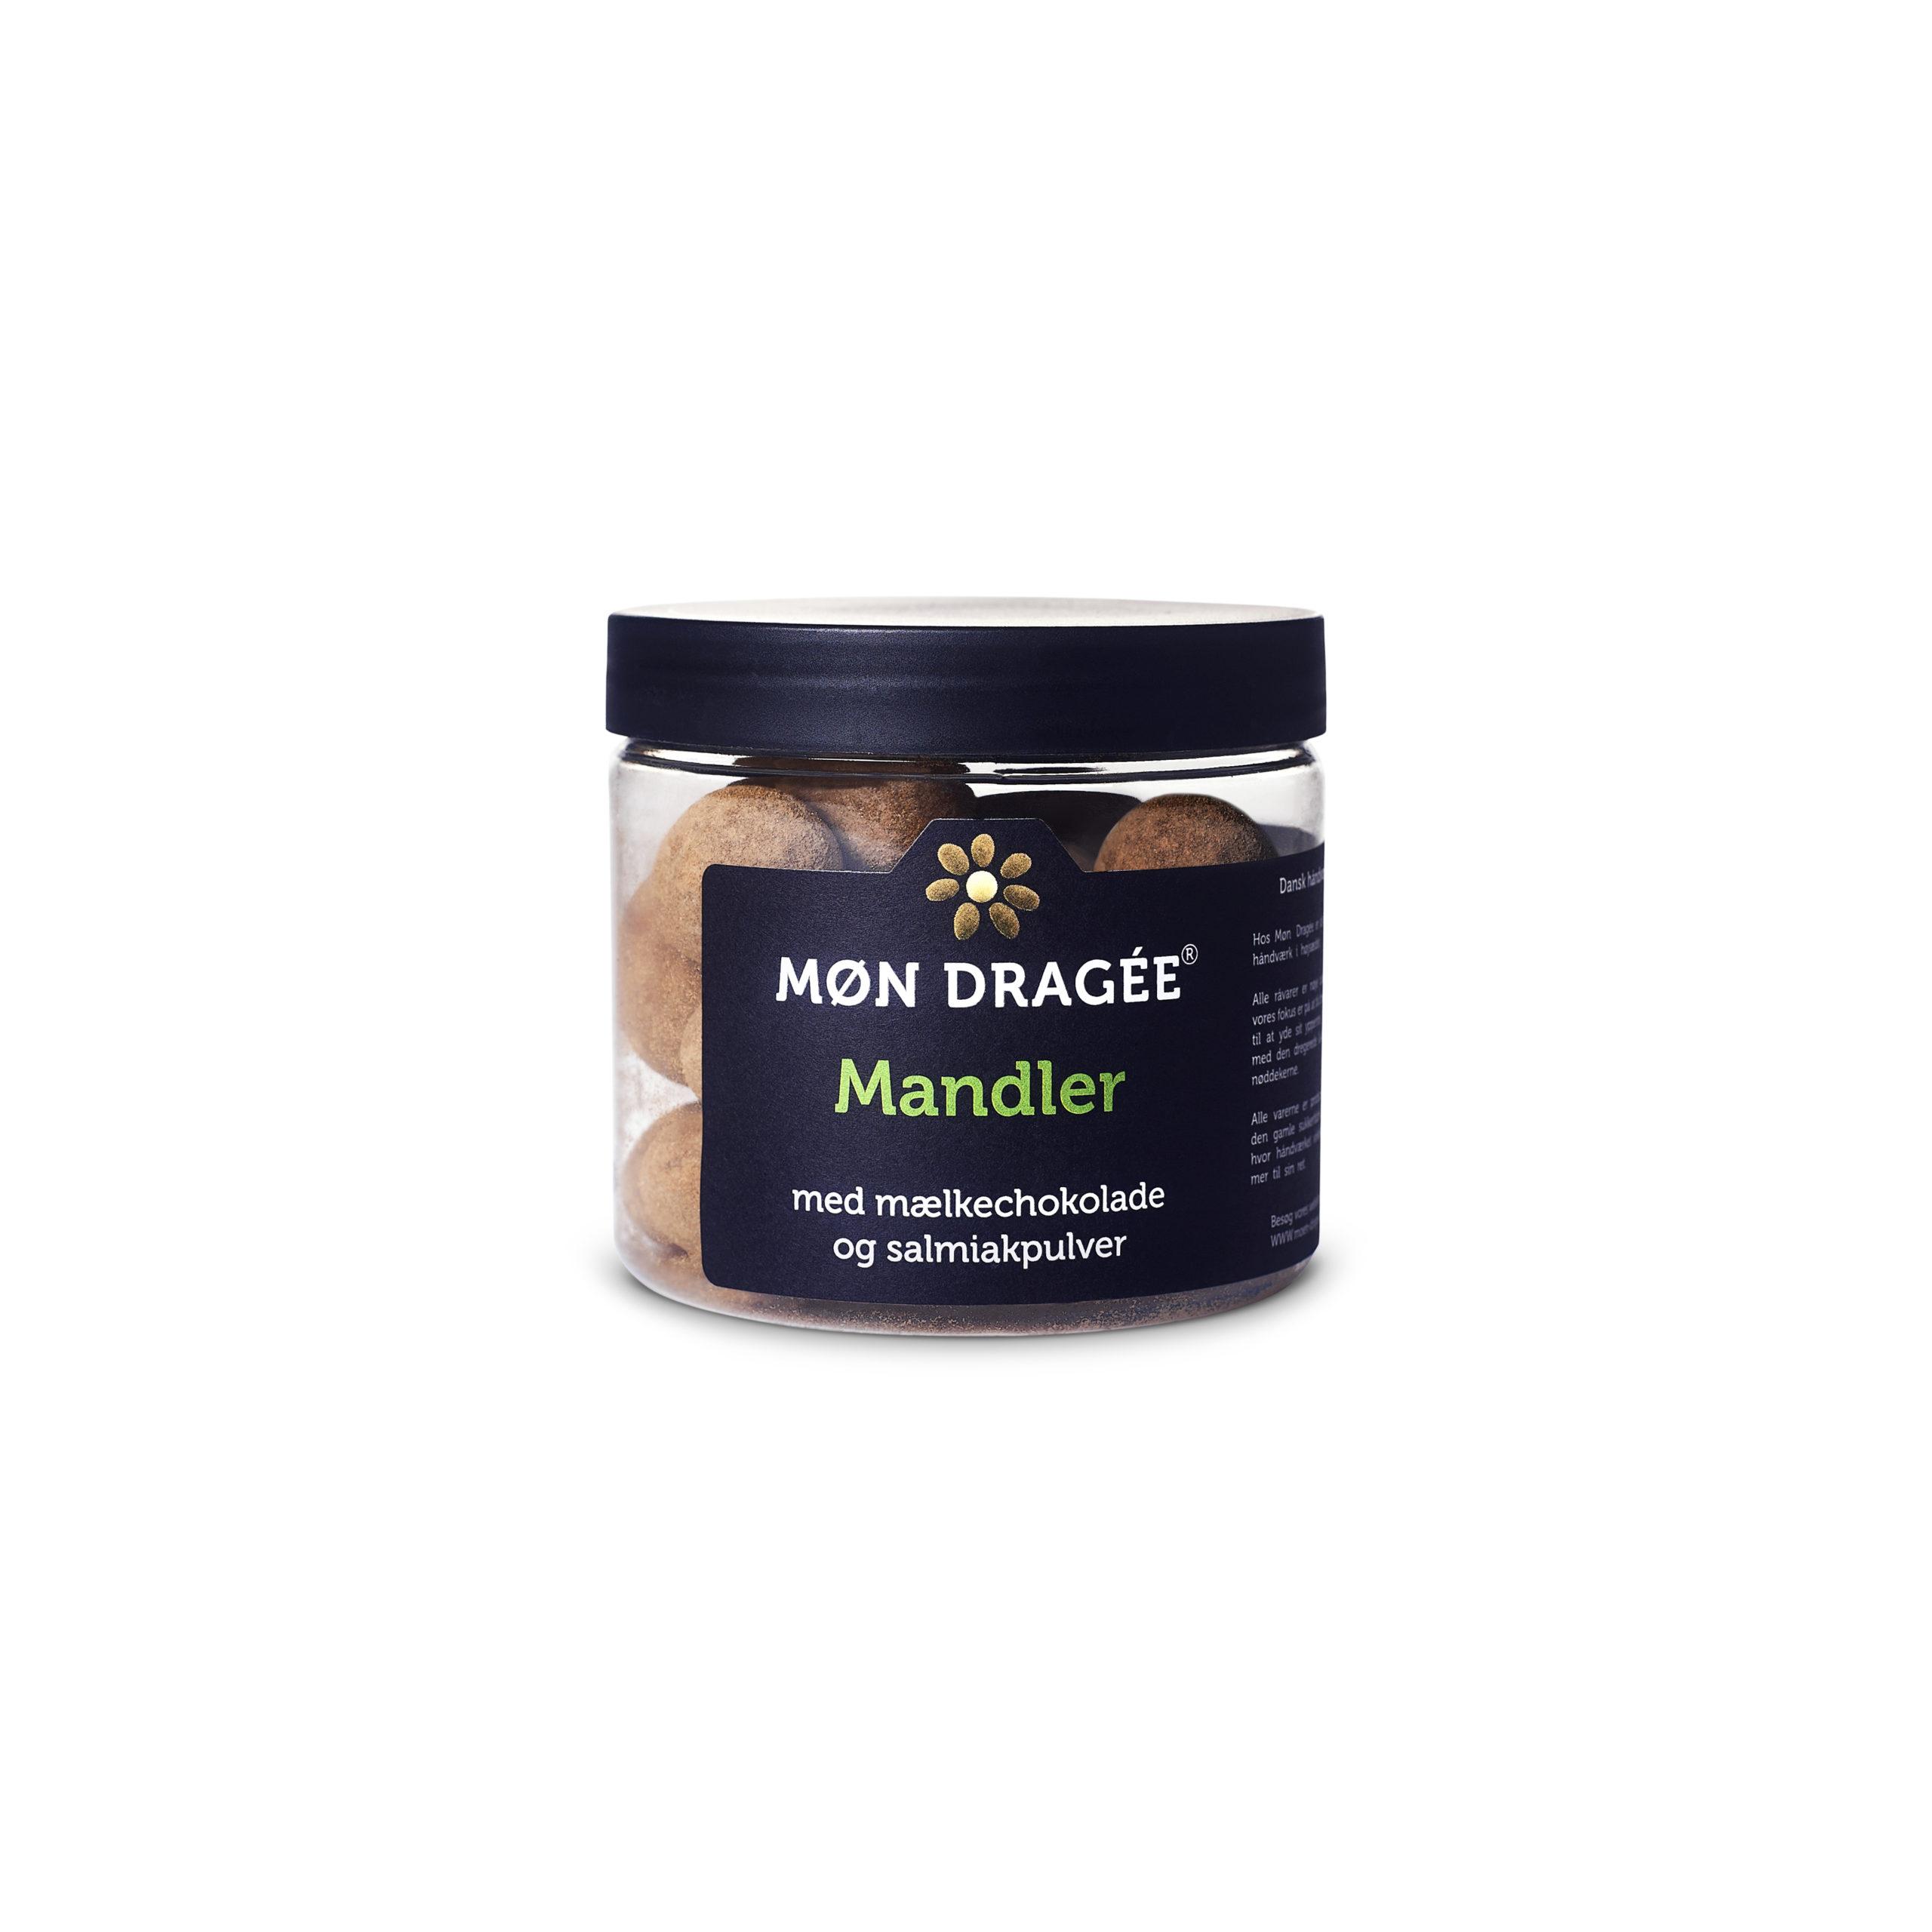 mandler_mælkechokolade_salmiak_møn_dragée